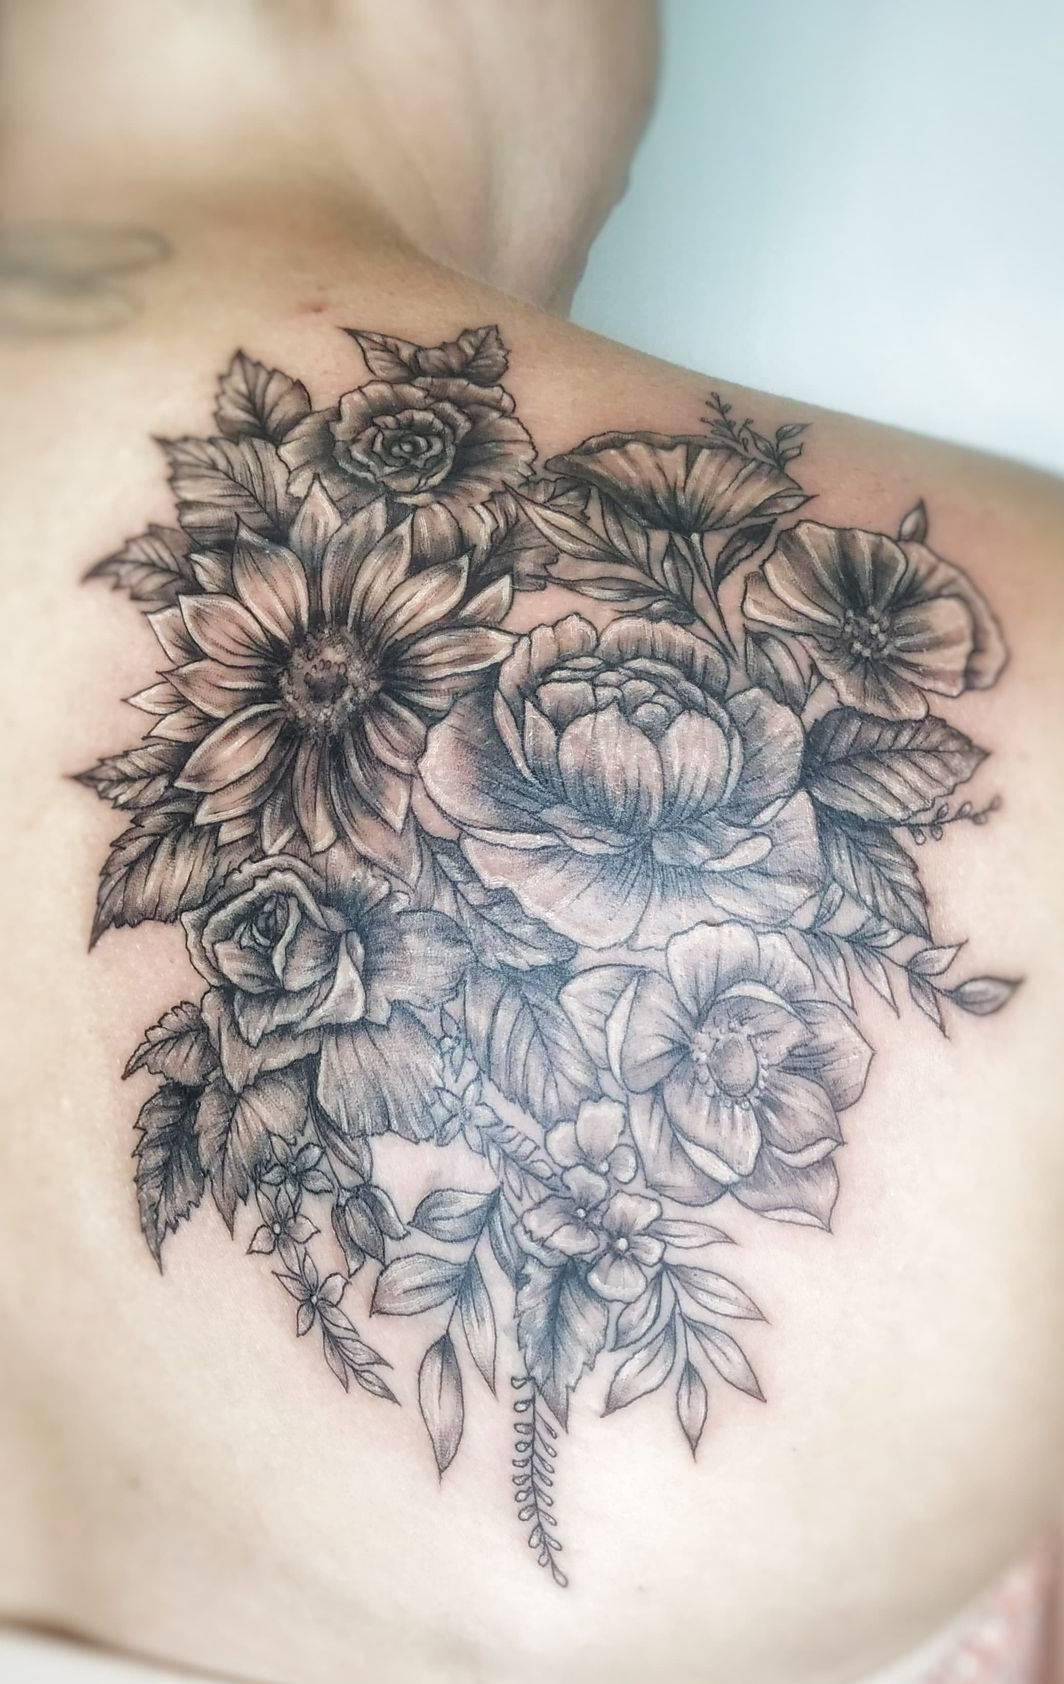 flowers tattoo female tattoo artist tattooist art shoulder tattoo celebrity ink